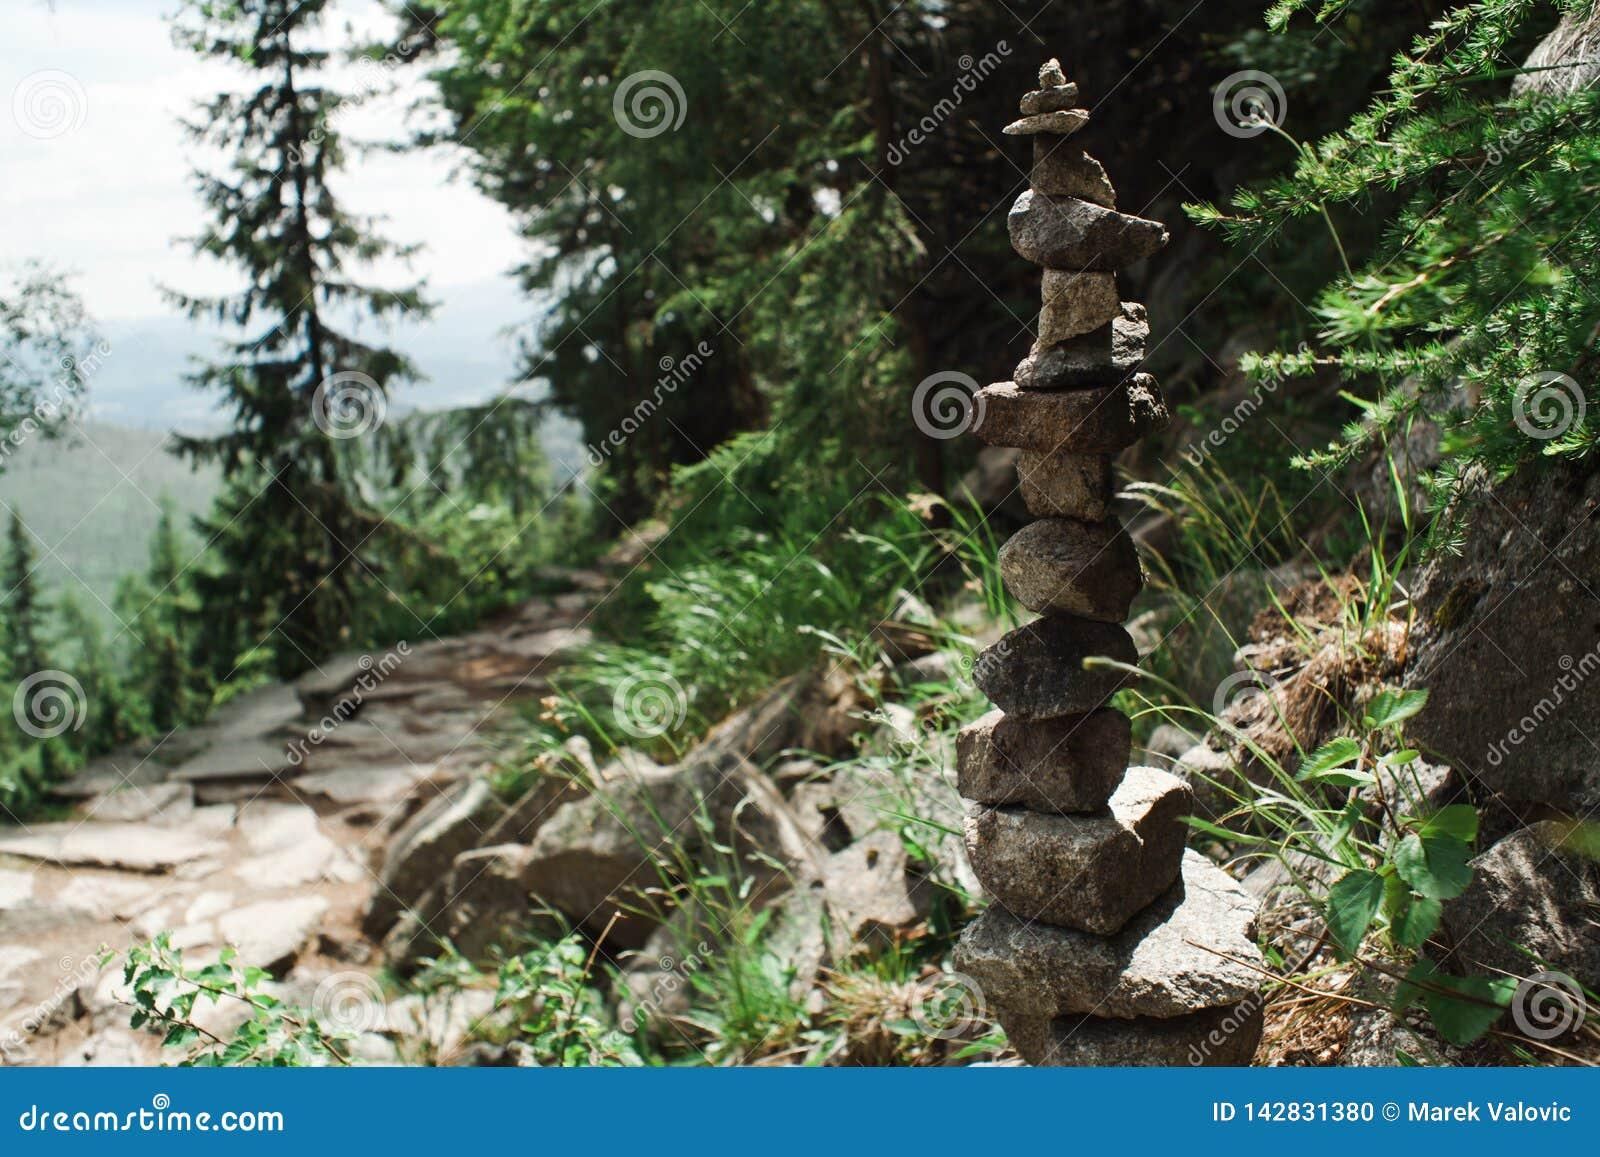 Μικροί βράχοι μορφής ισορροπίας - αρμονία στη φύση που γίνεται από τον άνθρωπο